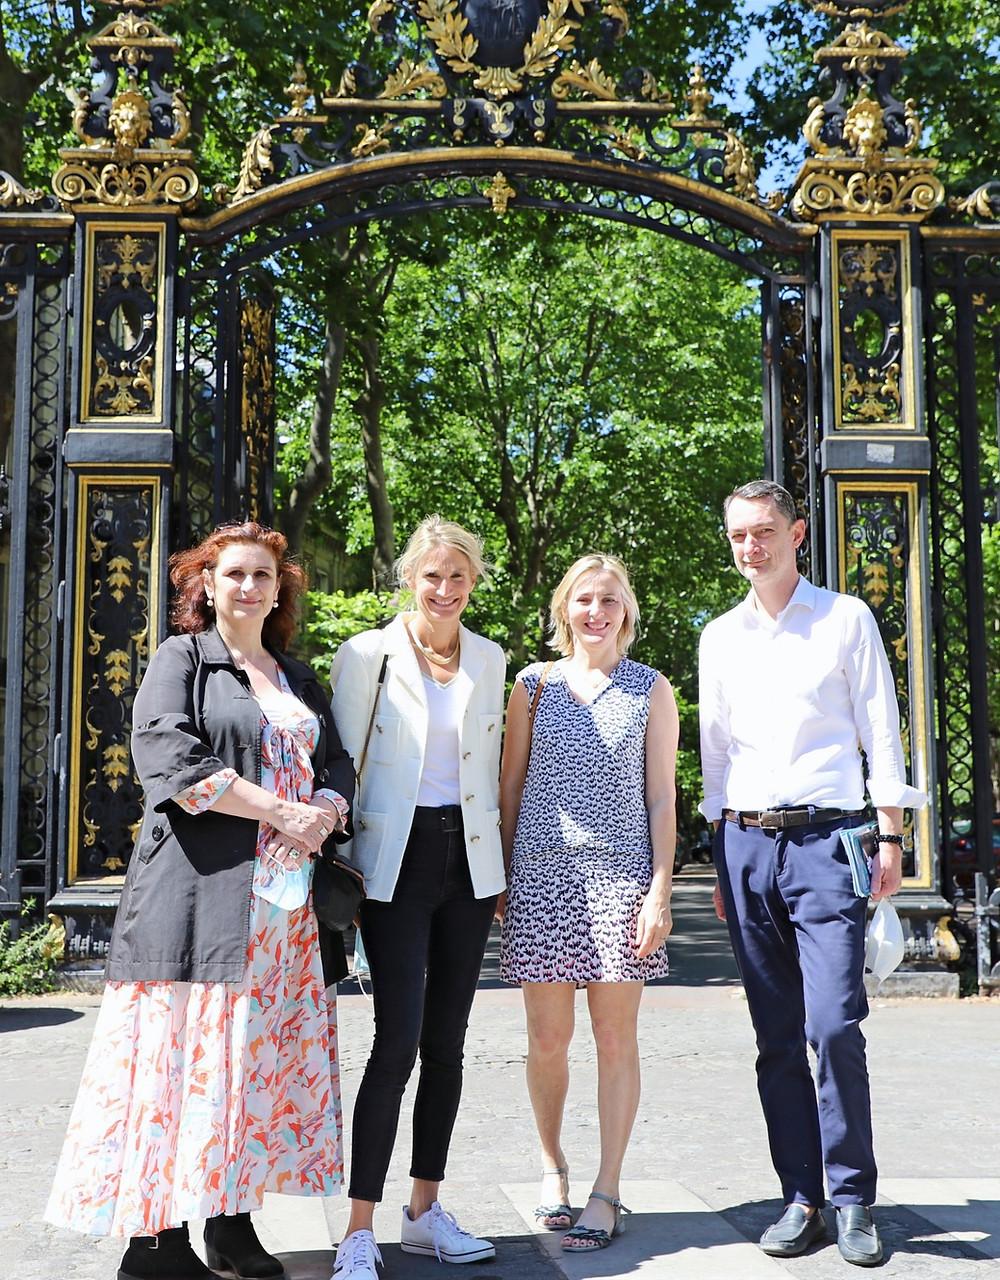 De gauche à droite : Hélène, Stéphanie et Ronan